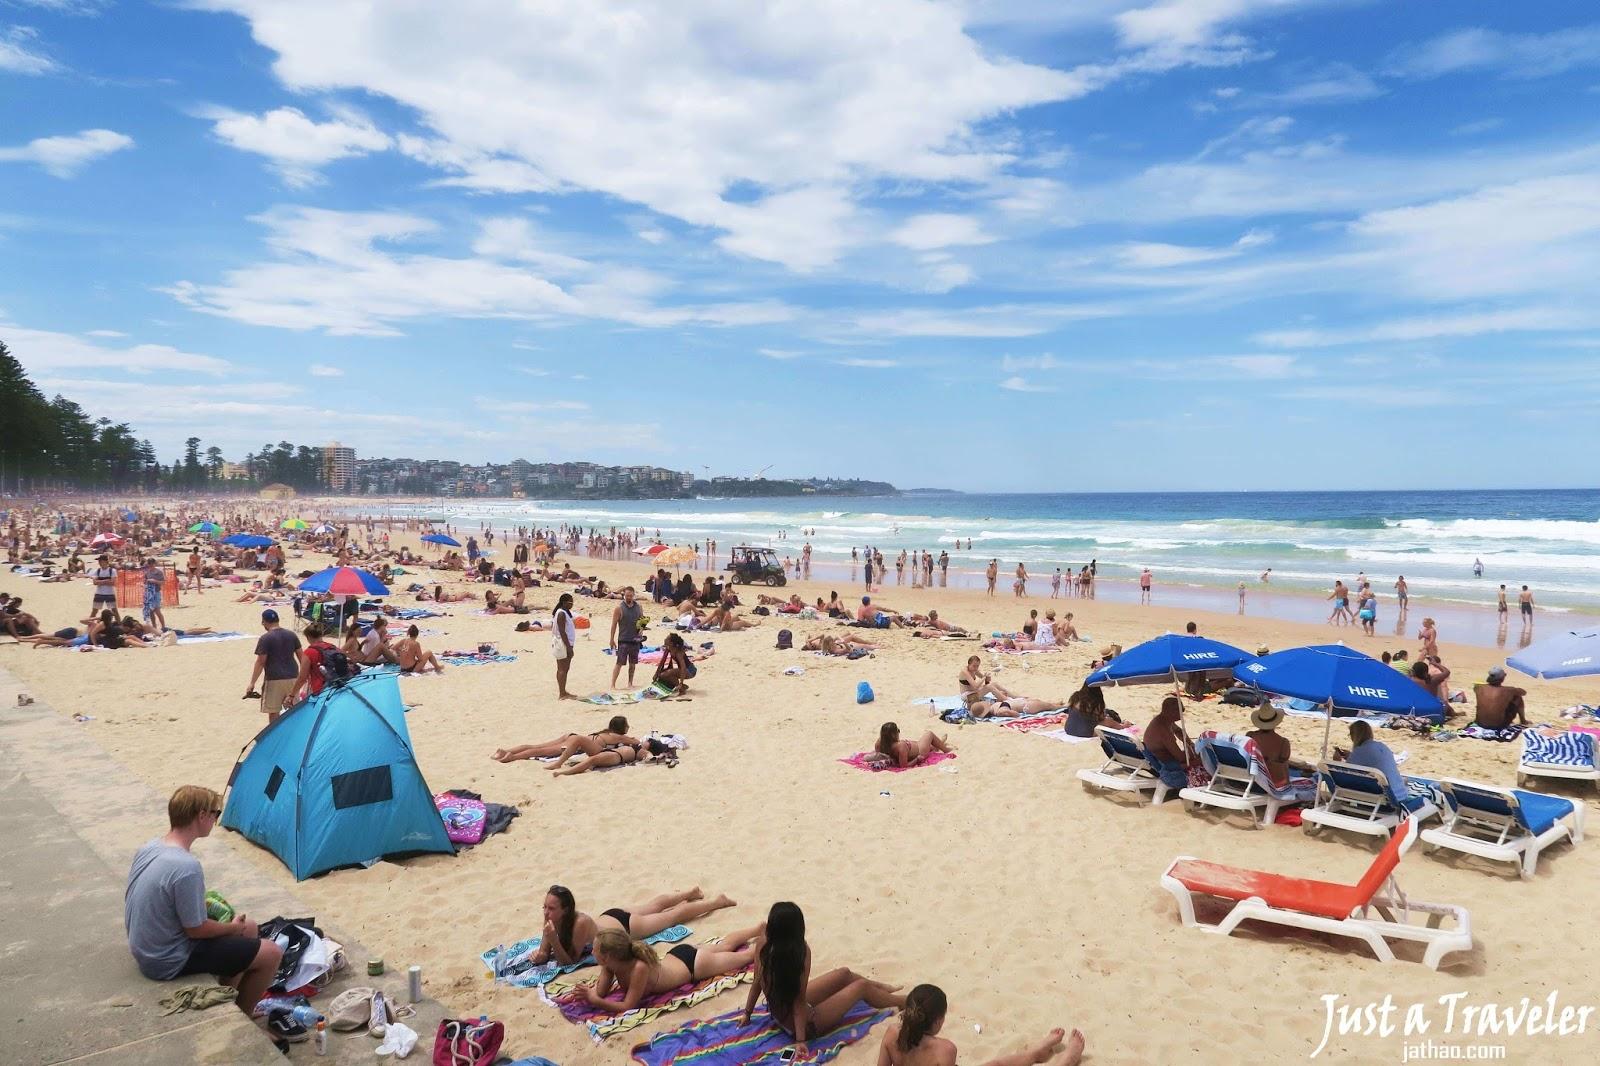 雪梨-景點-推薦-曼利海灘-旅遊-自由行-澳洲-Sydney-Manly-Beach-Travel-Australia